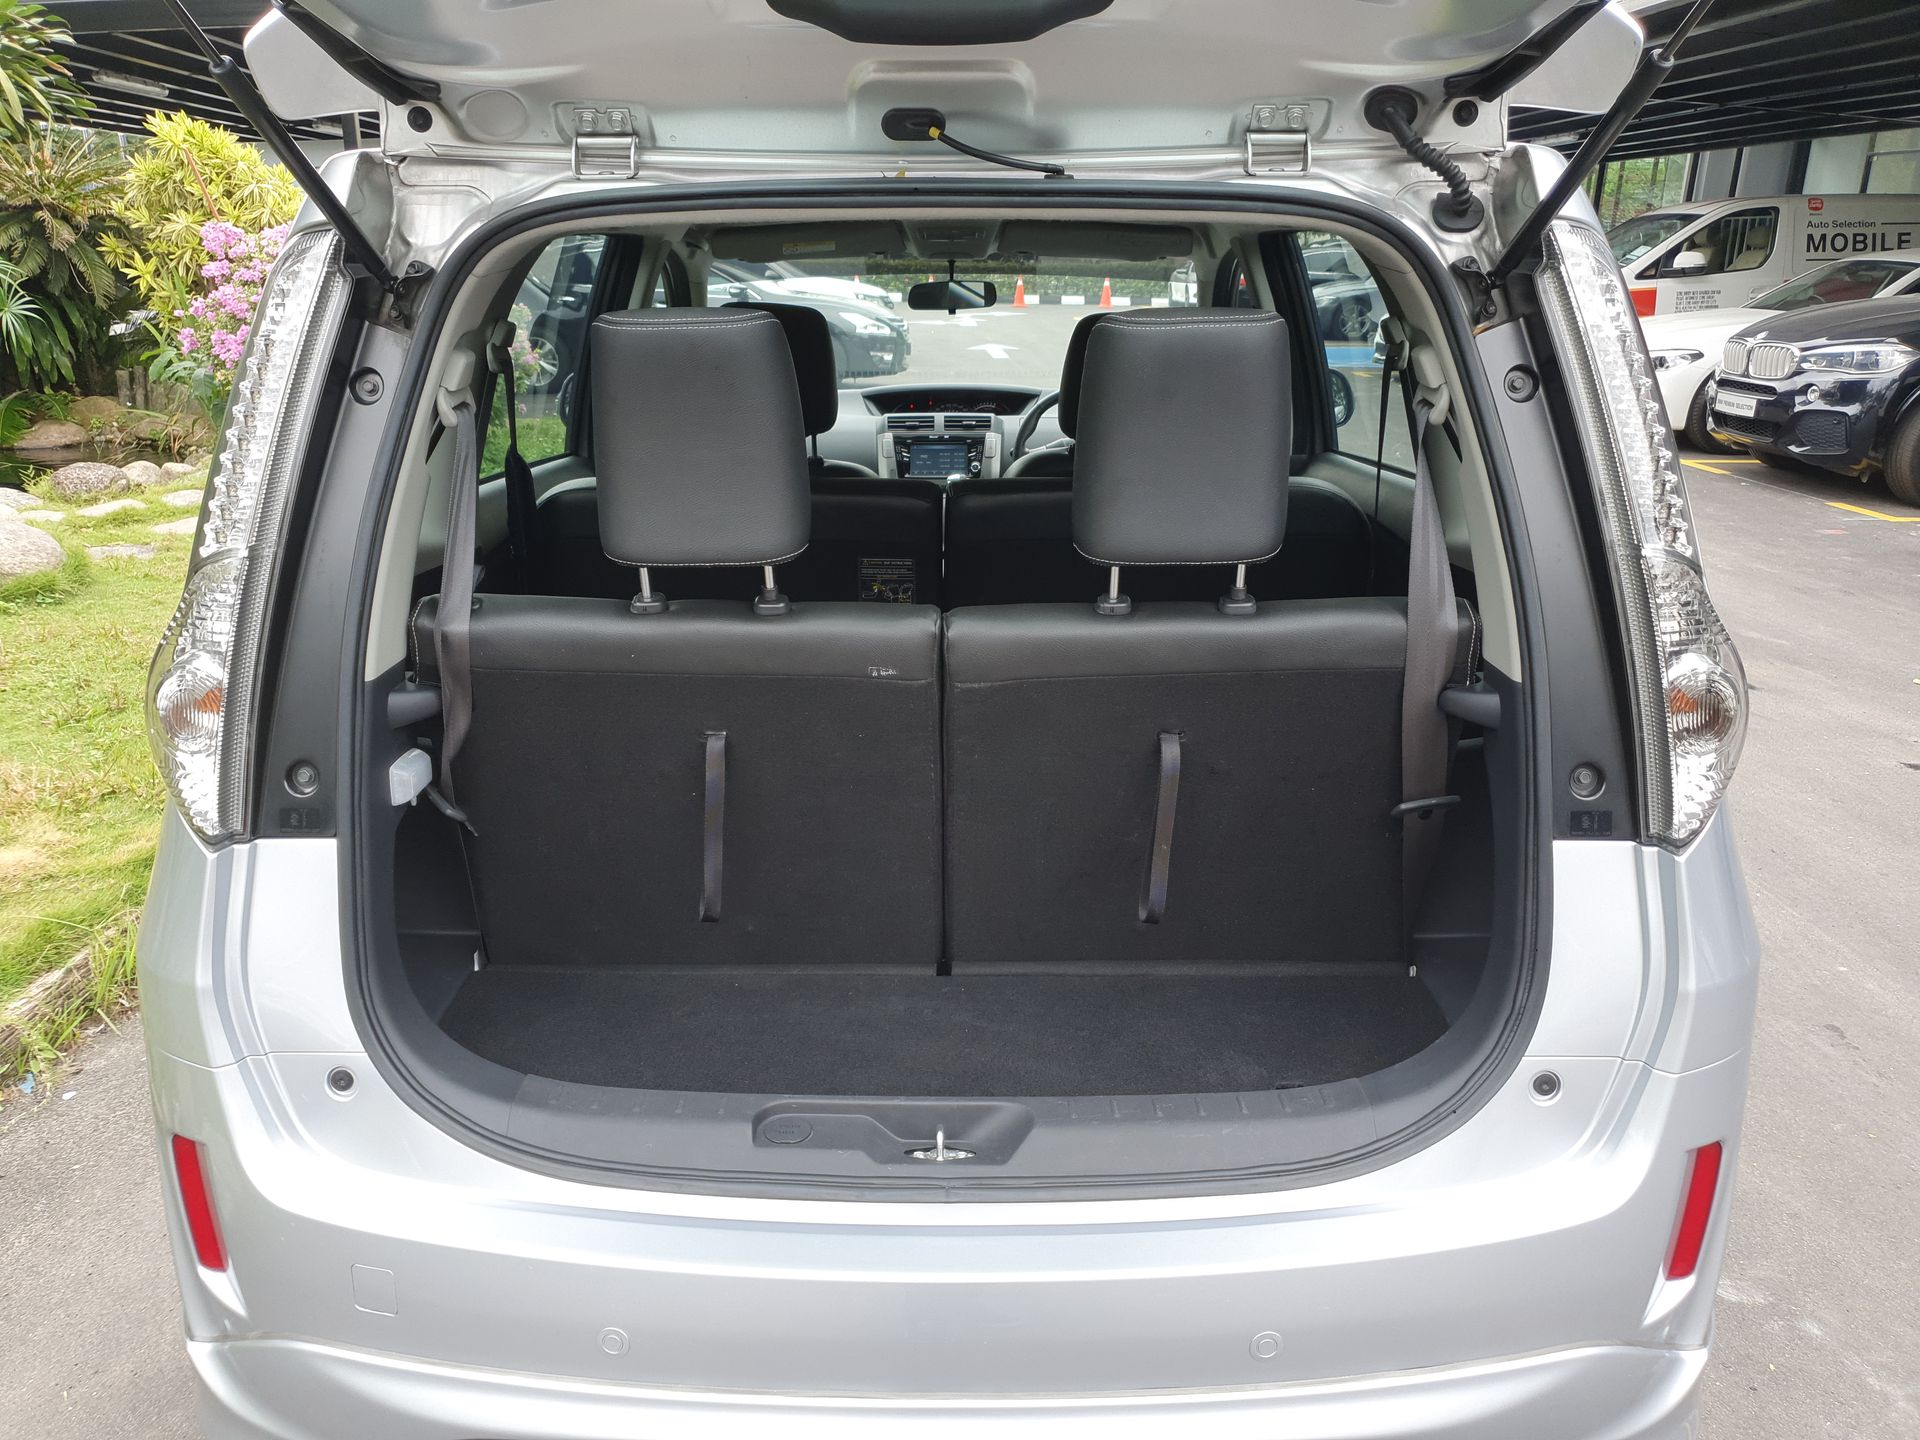 2018 Perodua Alza-1500 AV (Auto)